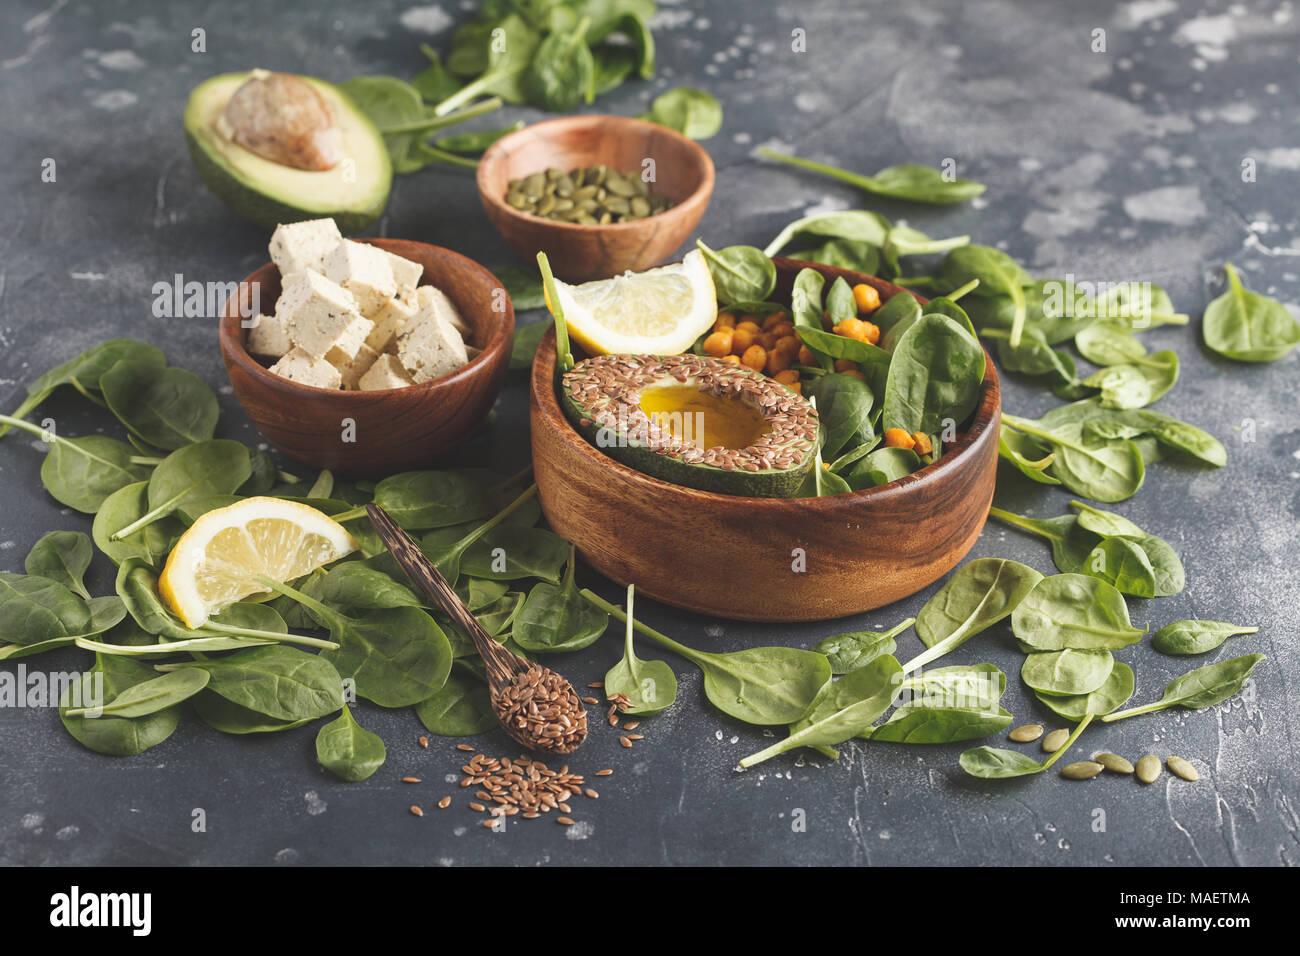 Gesunde vegetarische Salat mit Tofu, Kichererbsen, Avocado und Sonnenblumenkernen. Gesunde vegane Ernährung Konzept. Dunkler Hintergrund, kopieren. Stockbild